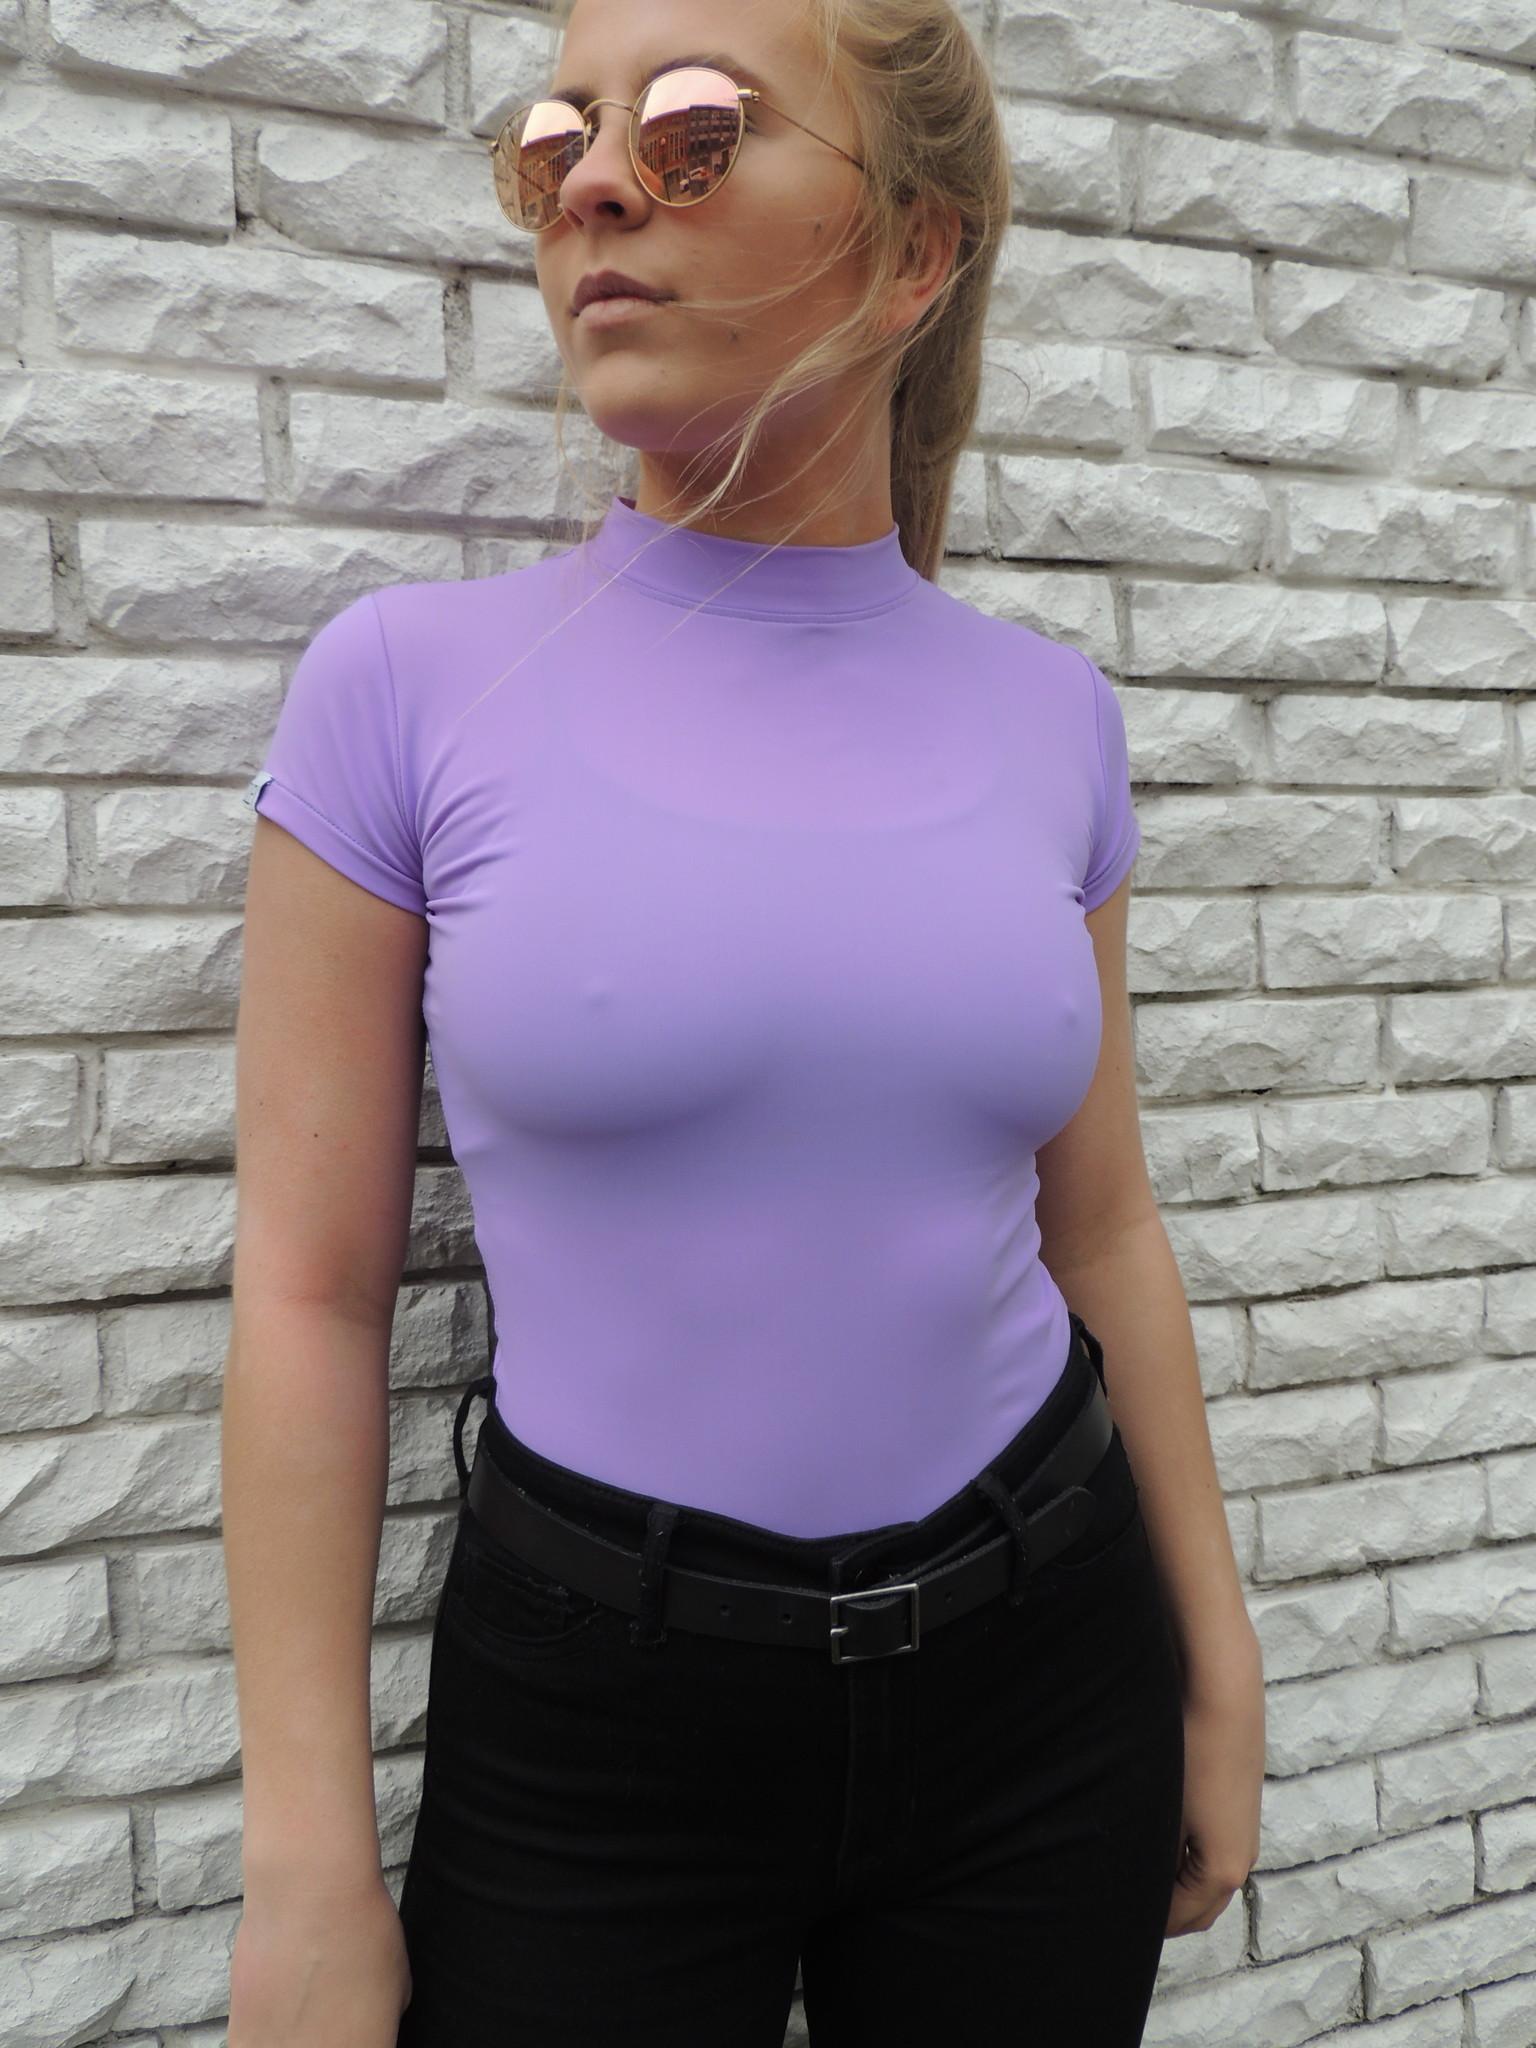 Sooley Designs Neon Top